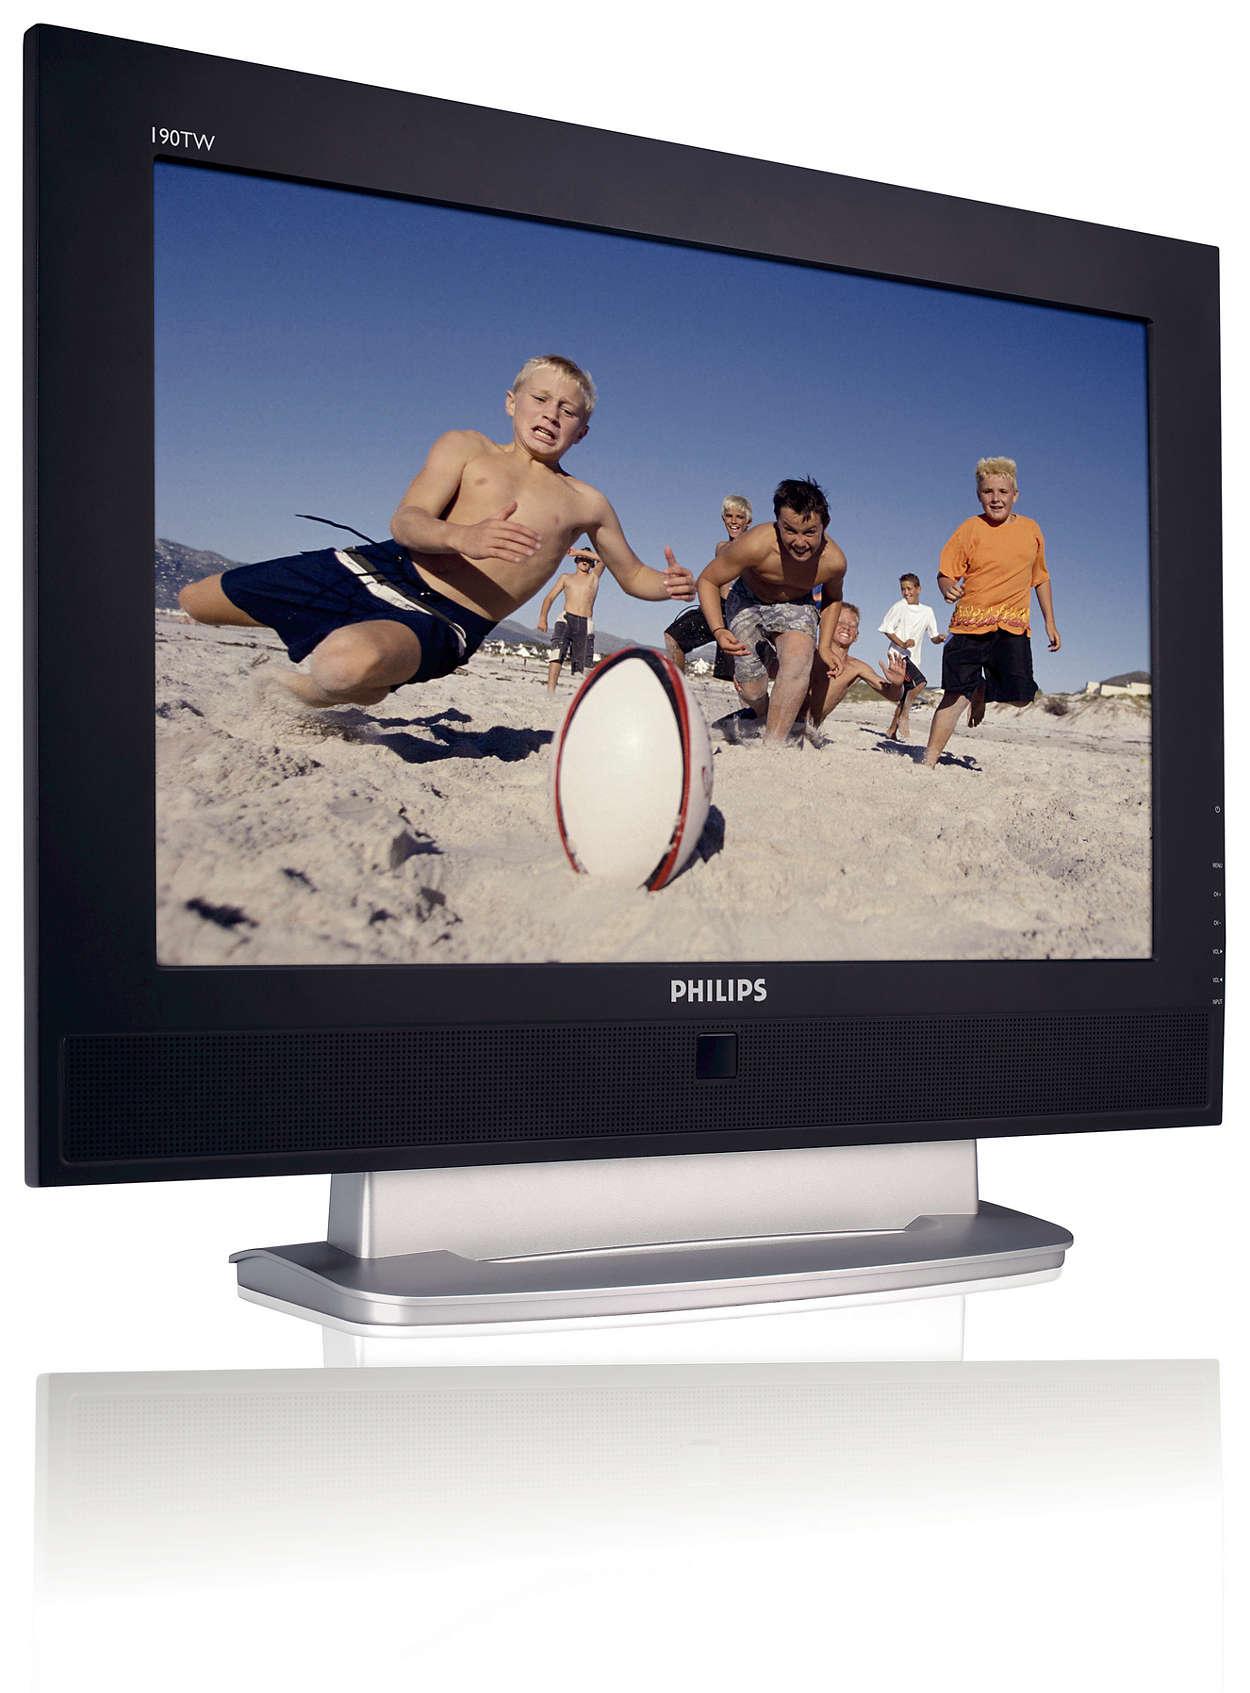 ЖК монитор с широким экраном и телевизор с полным набором функций